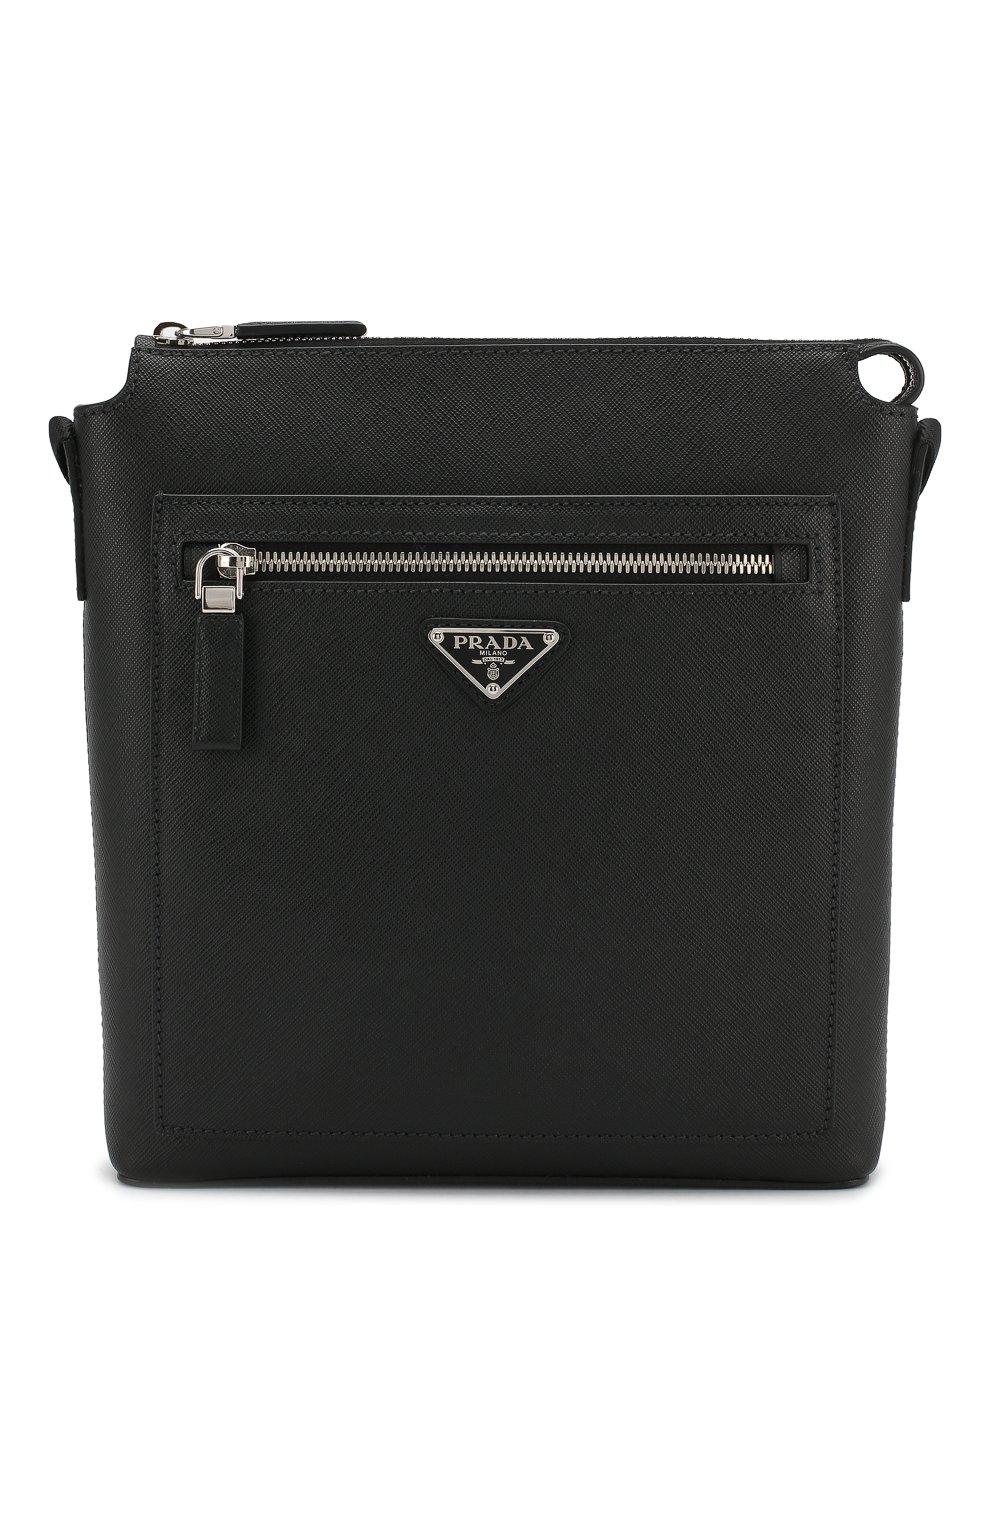 dfd86e0d7752 Мужская черная кожаная сумка-планшет PRADA — купить за 102500 руб. в ...